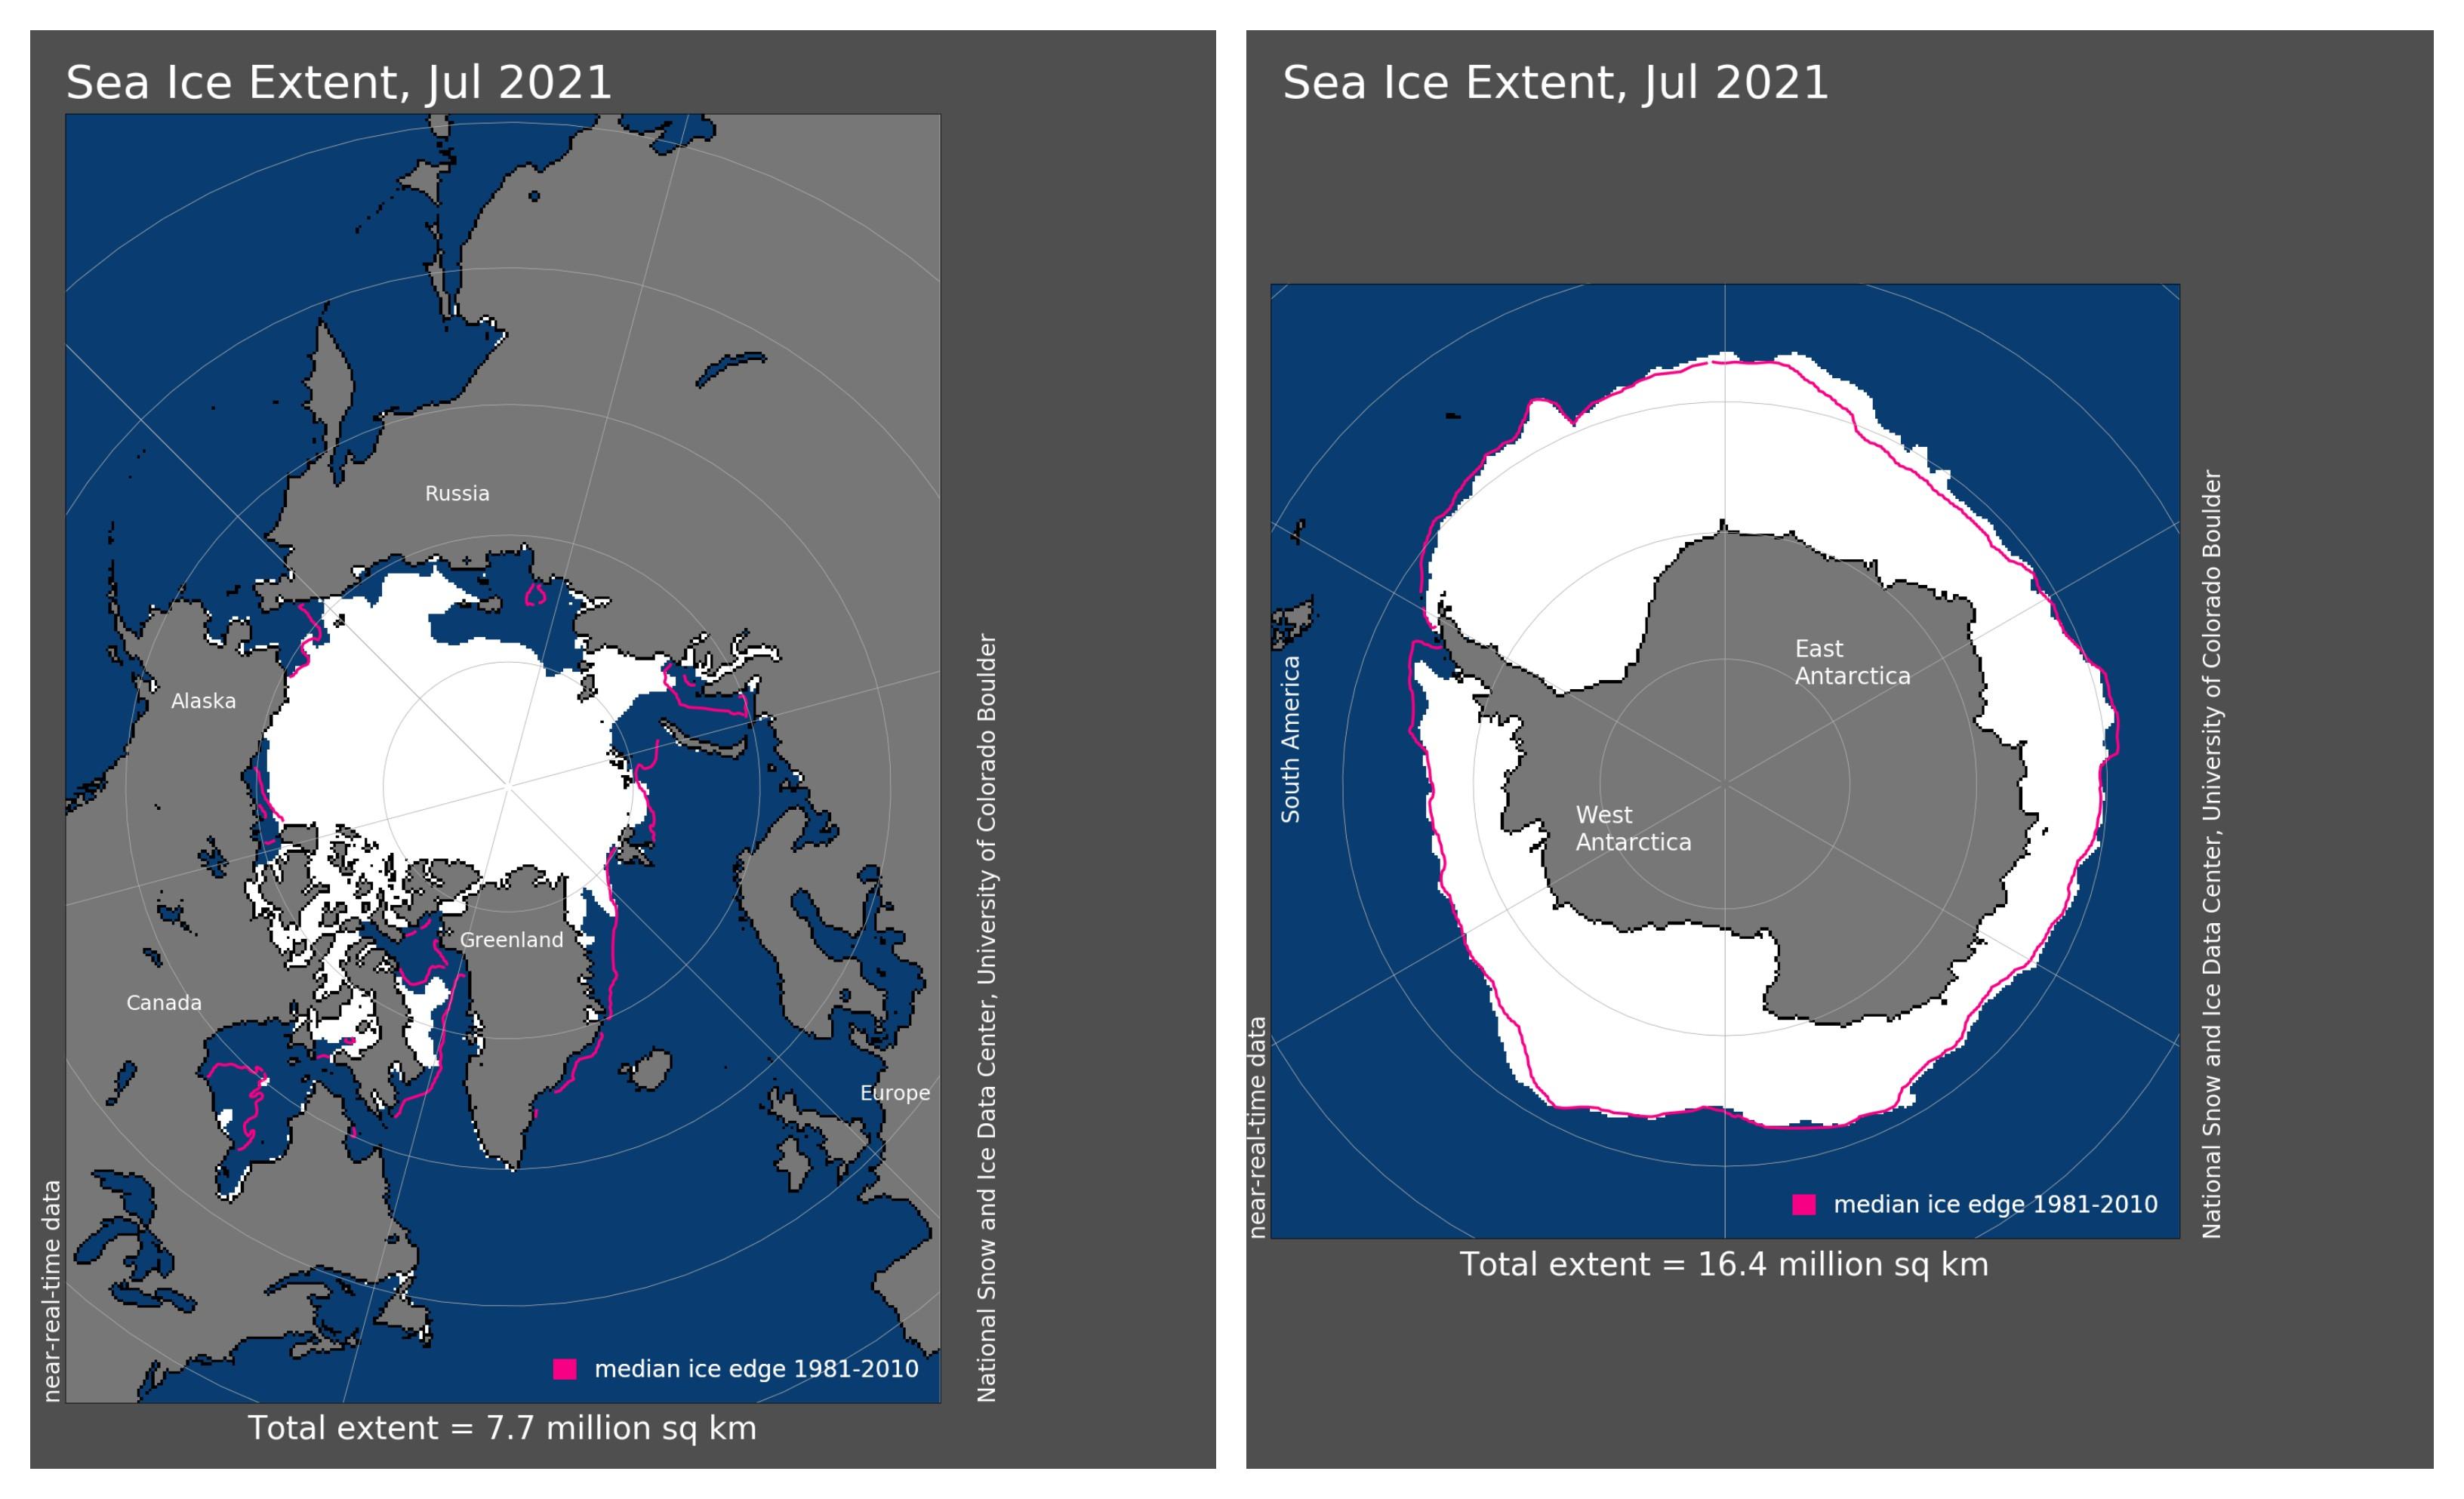 Julho de 2021 Mapas de extensão de gelo marinho do Ártico (à esquerda) e da Antártica (à direita) (Foto: NOAA)